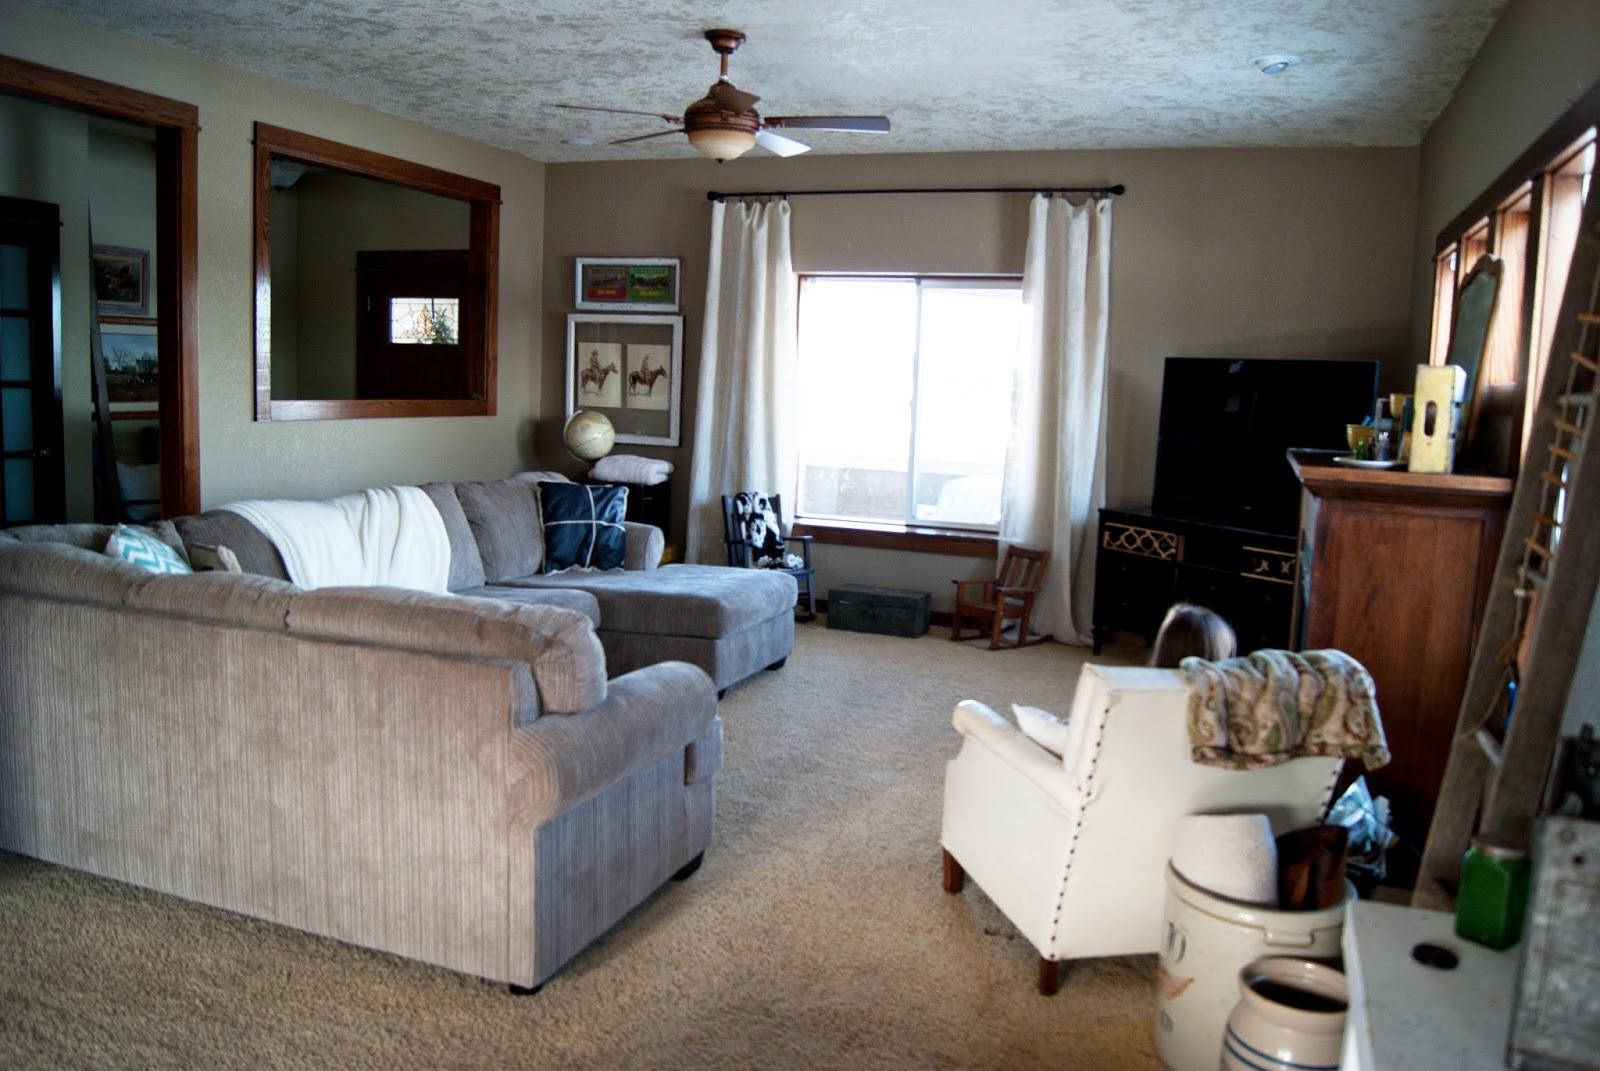 House goals 2014 averie lane house goals 2014 for Living room goals